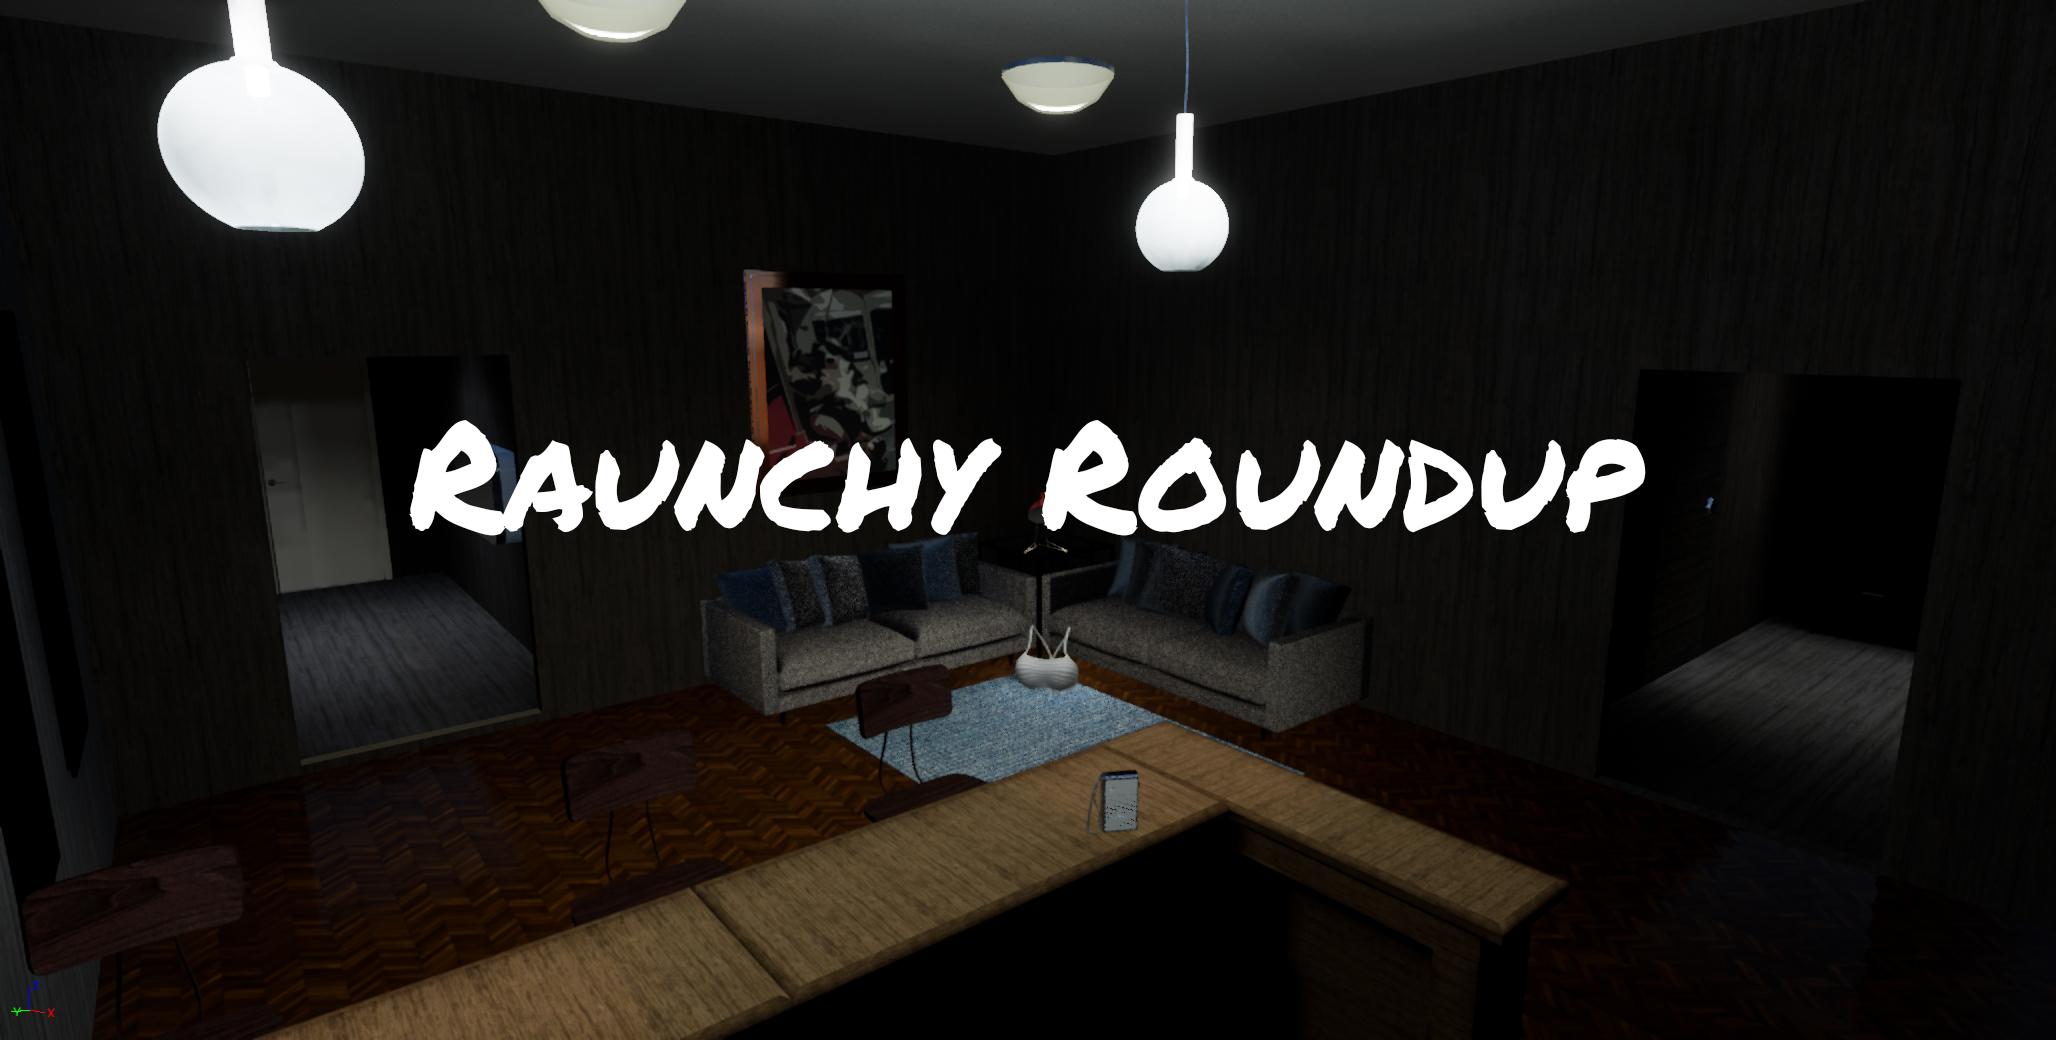 Raunchy Roundup